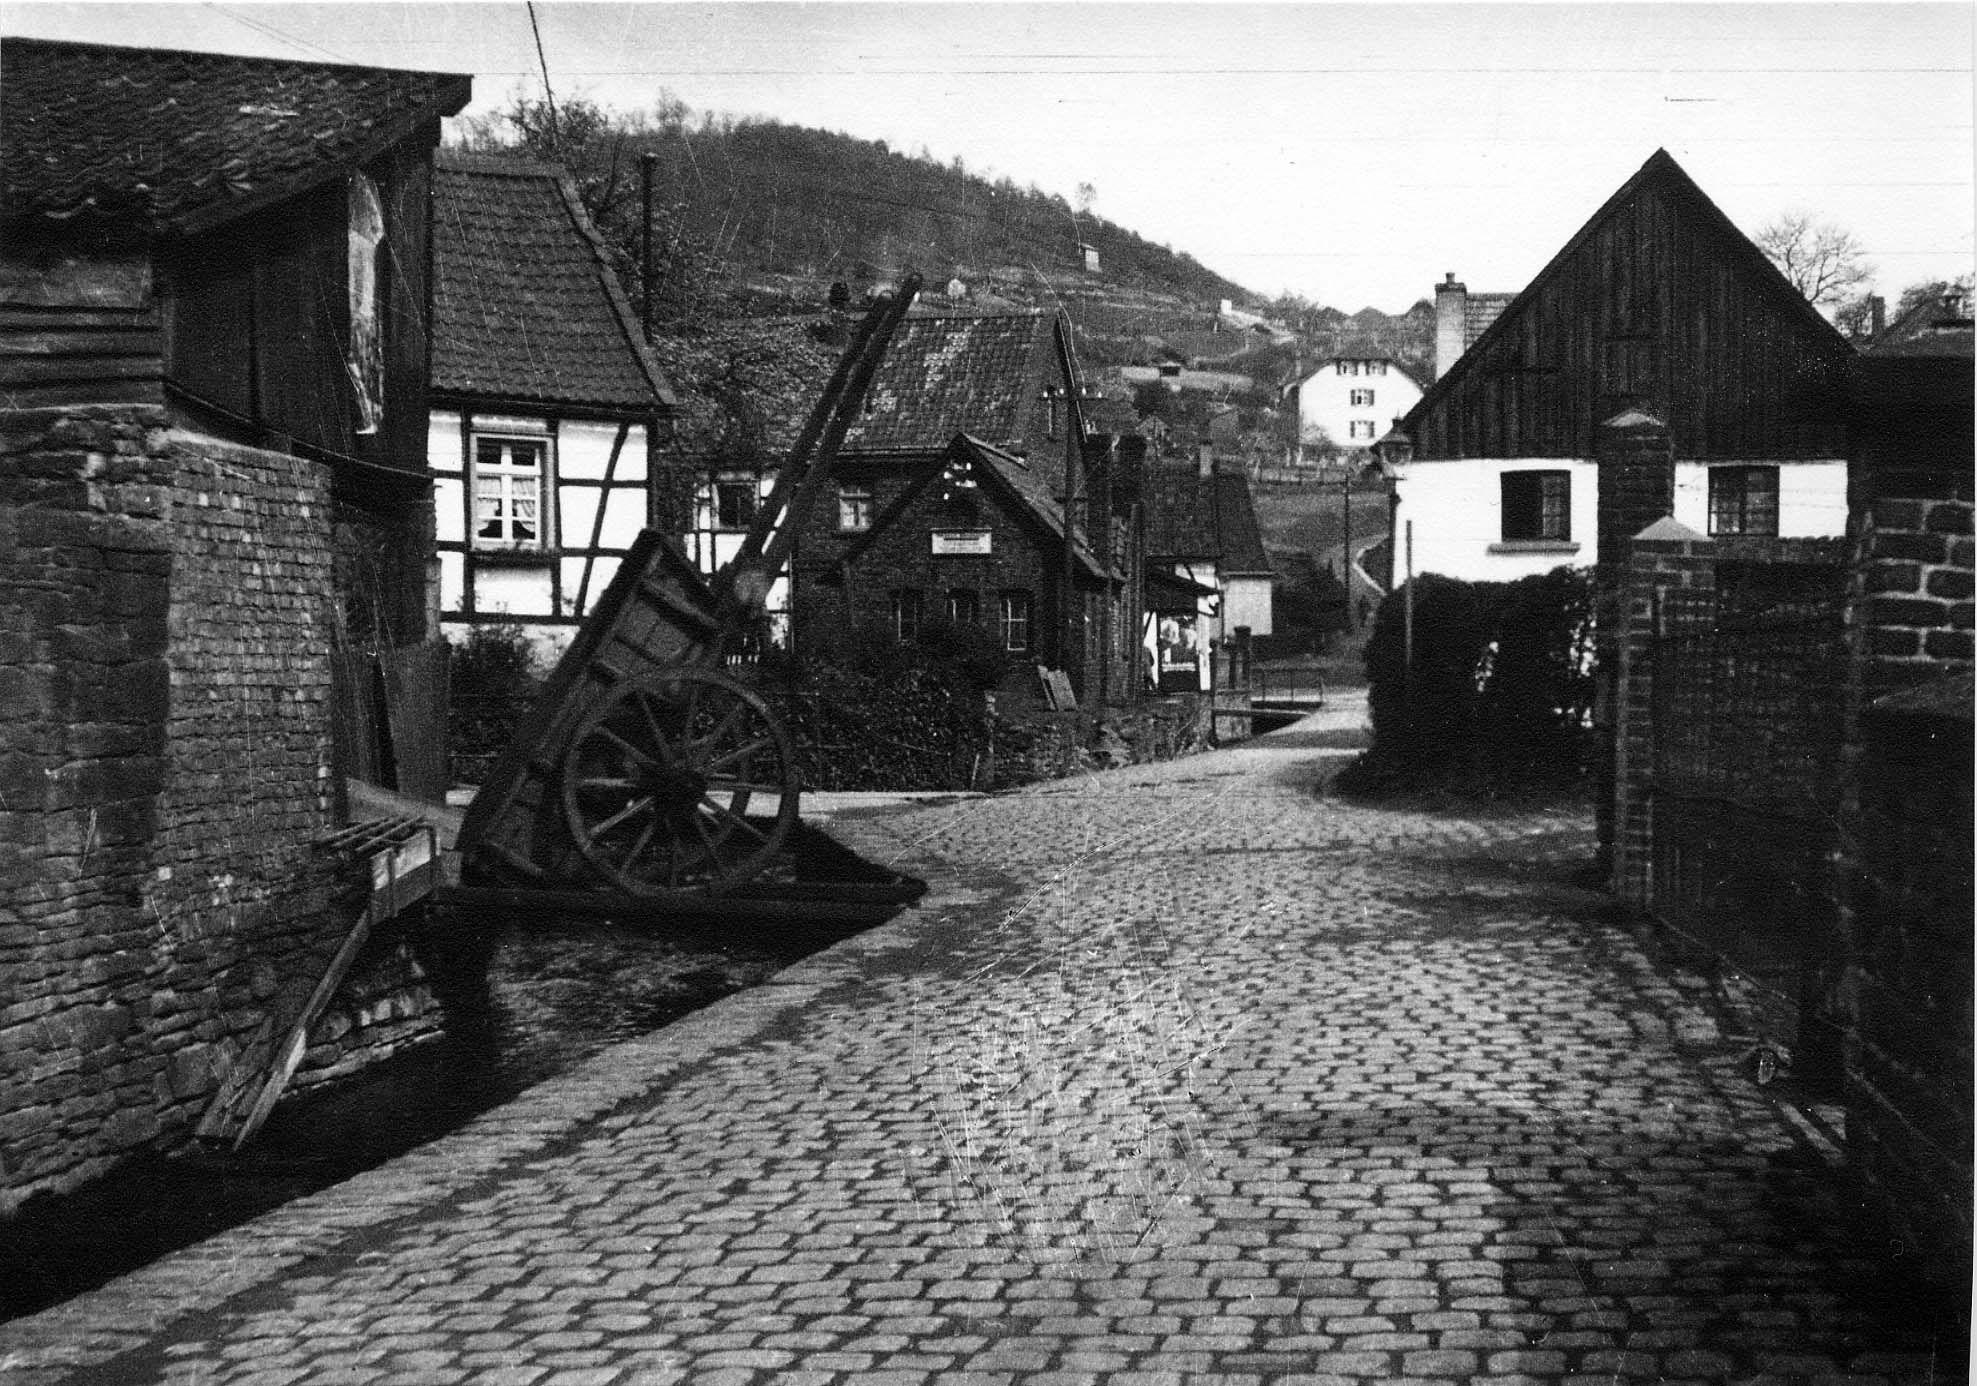 Herdecke, Westfalen, 20er Jahre Historische bilder